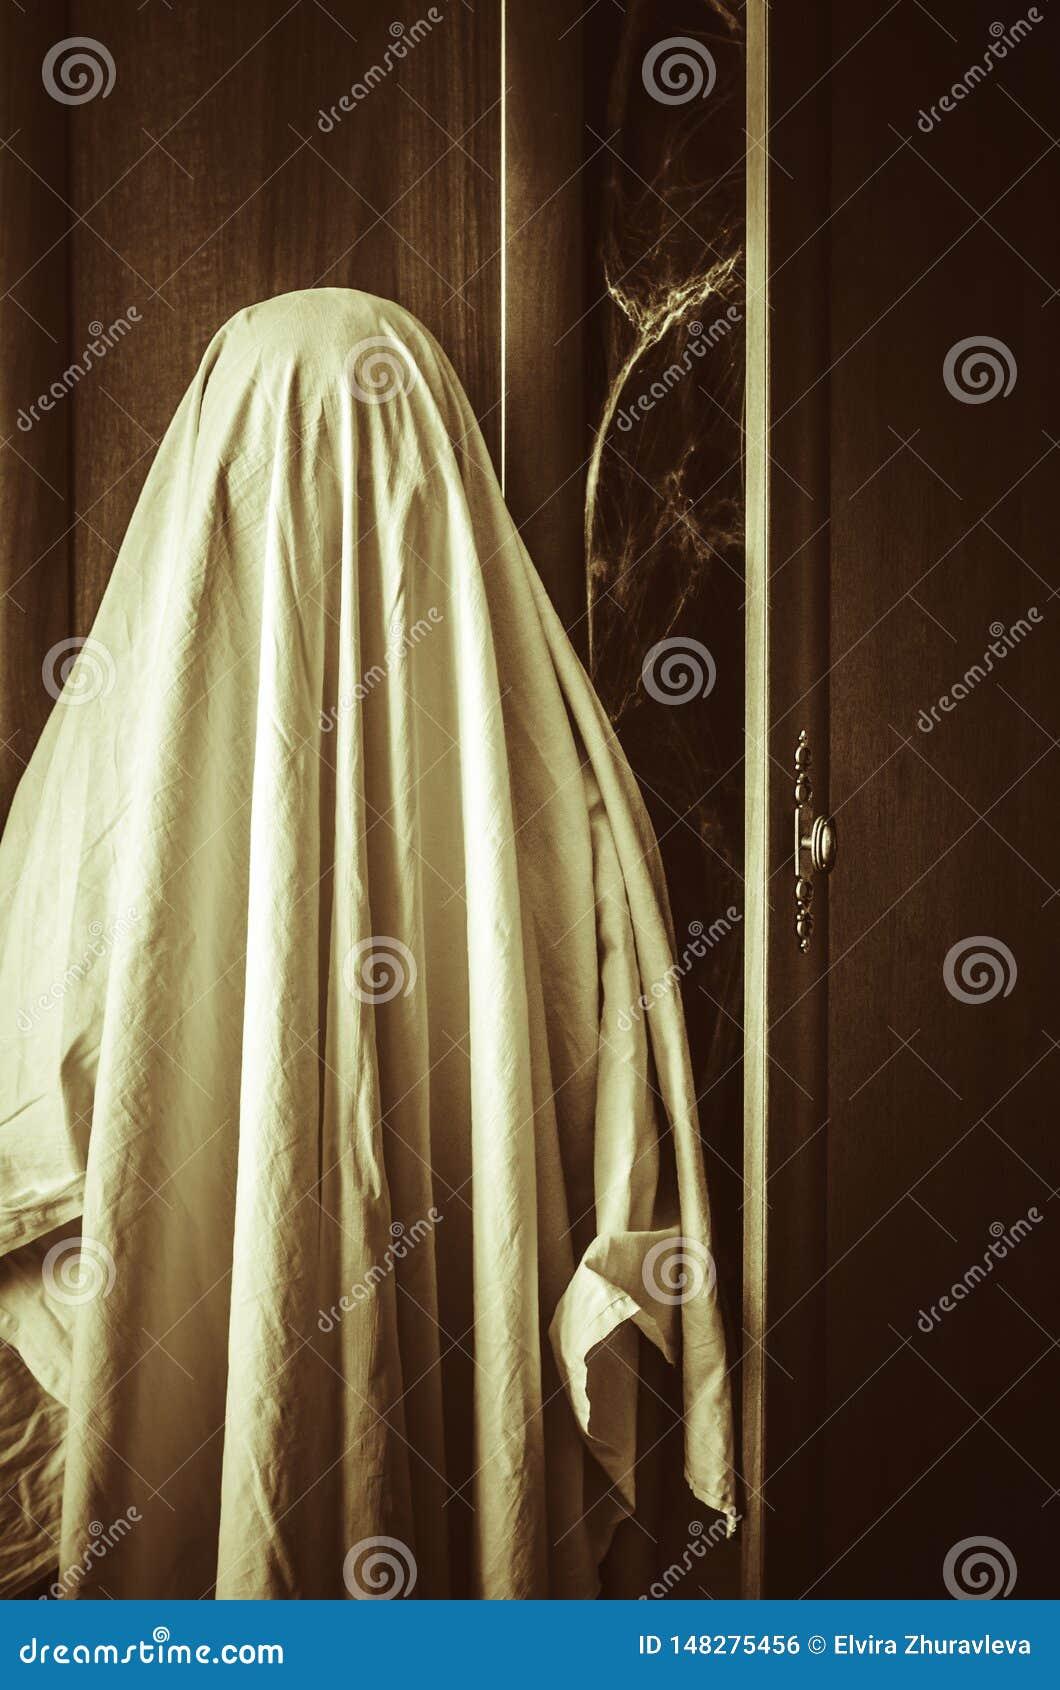 Ghost pr?s de garde-robe rampante avec de la toile d araign?e ? l int?rieur